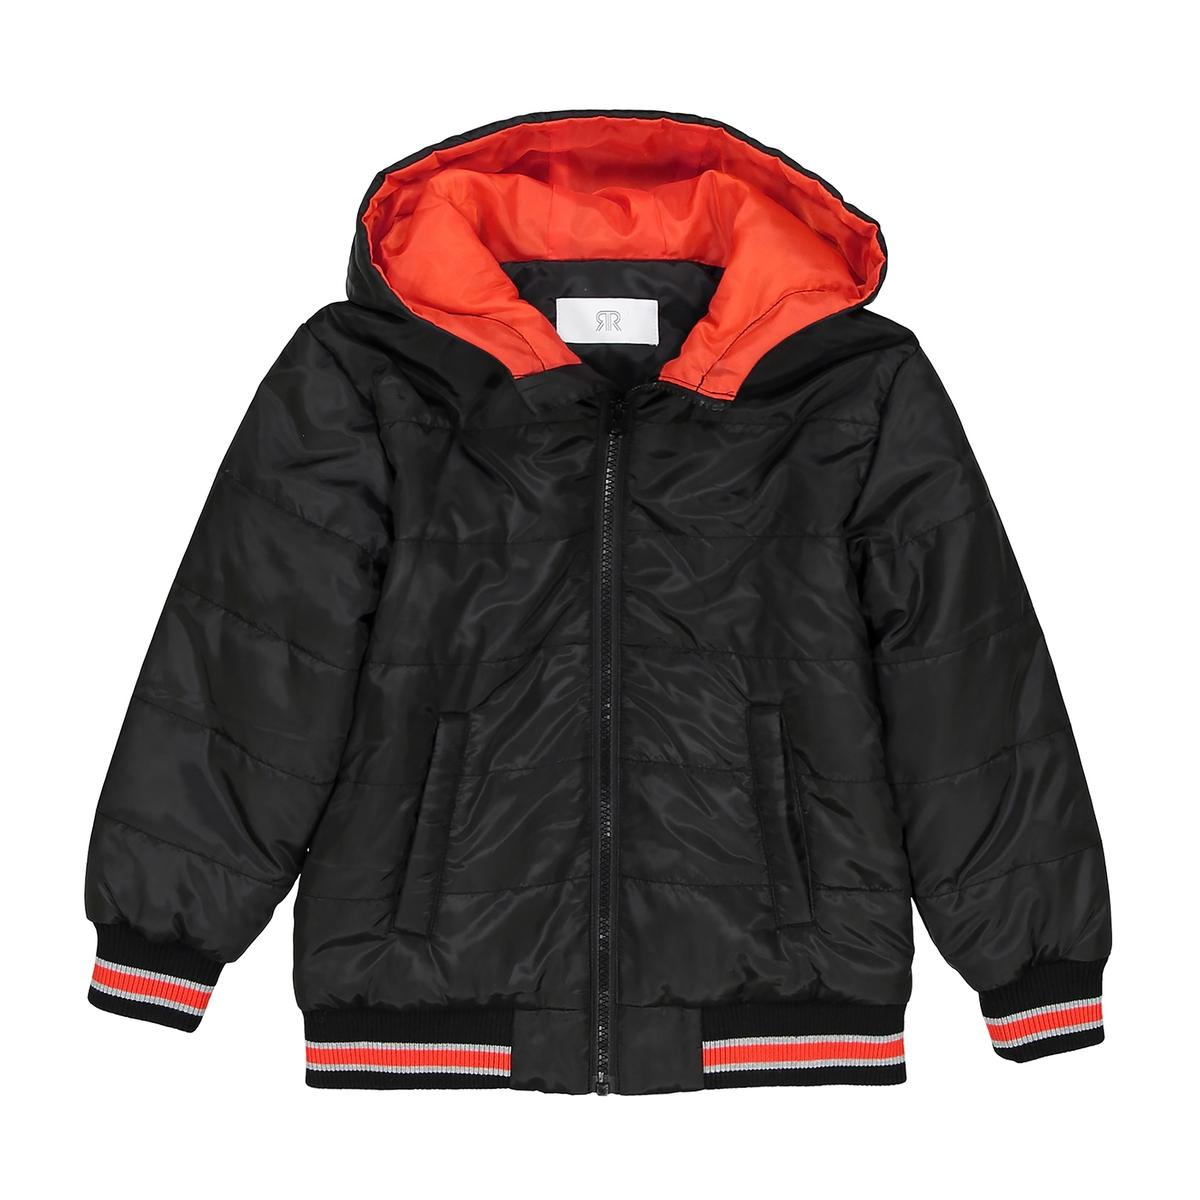 Куртка легкая с капюшоном 3-12 летОписание:Детали •  Демисезонная модель •  Непромокаемая •  Застежка на молнию •  С капюшоном •  Длина : средняяСостав и уход •  100% полиамид •  Подкладка  : 100% полиэстер •  Наполнитель : 100% полиэстер •  Температура стирки 30° •  Сухая чистка и отбеливание запрещены •  Не использовать барабанную сушку •  Не гладить<br><br>Цвет: красный,черный<br>Размер: 3 года - 94 см.10 лет - 138 см.8 лет - 126 см.4 года - 102 см.3 года - 94 см.12 лет -150 см.10 лет - 138 см.8 лет - 126 см.6 лет - 114 см.5 лет - 108 см.4 года - 102 см.6 лет - 114 см